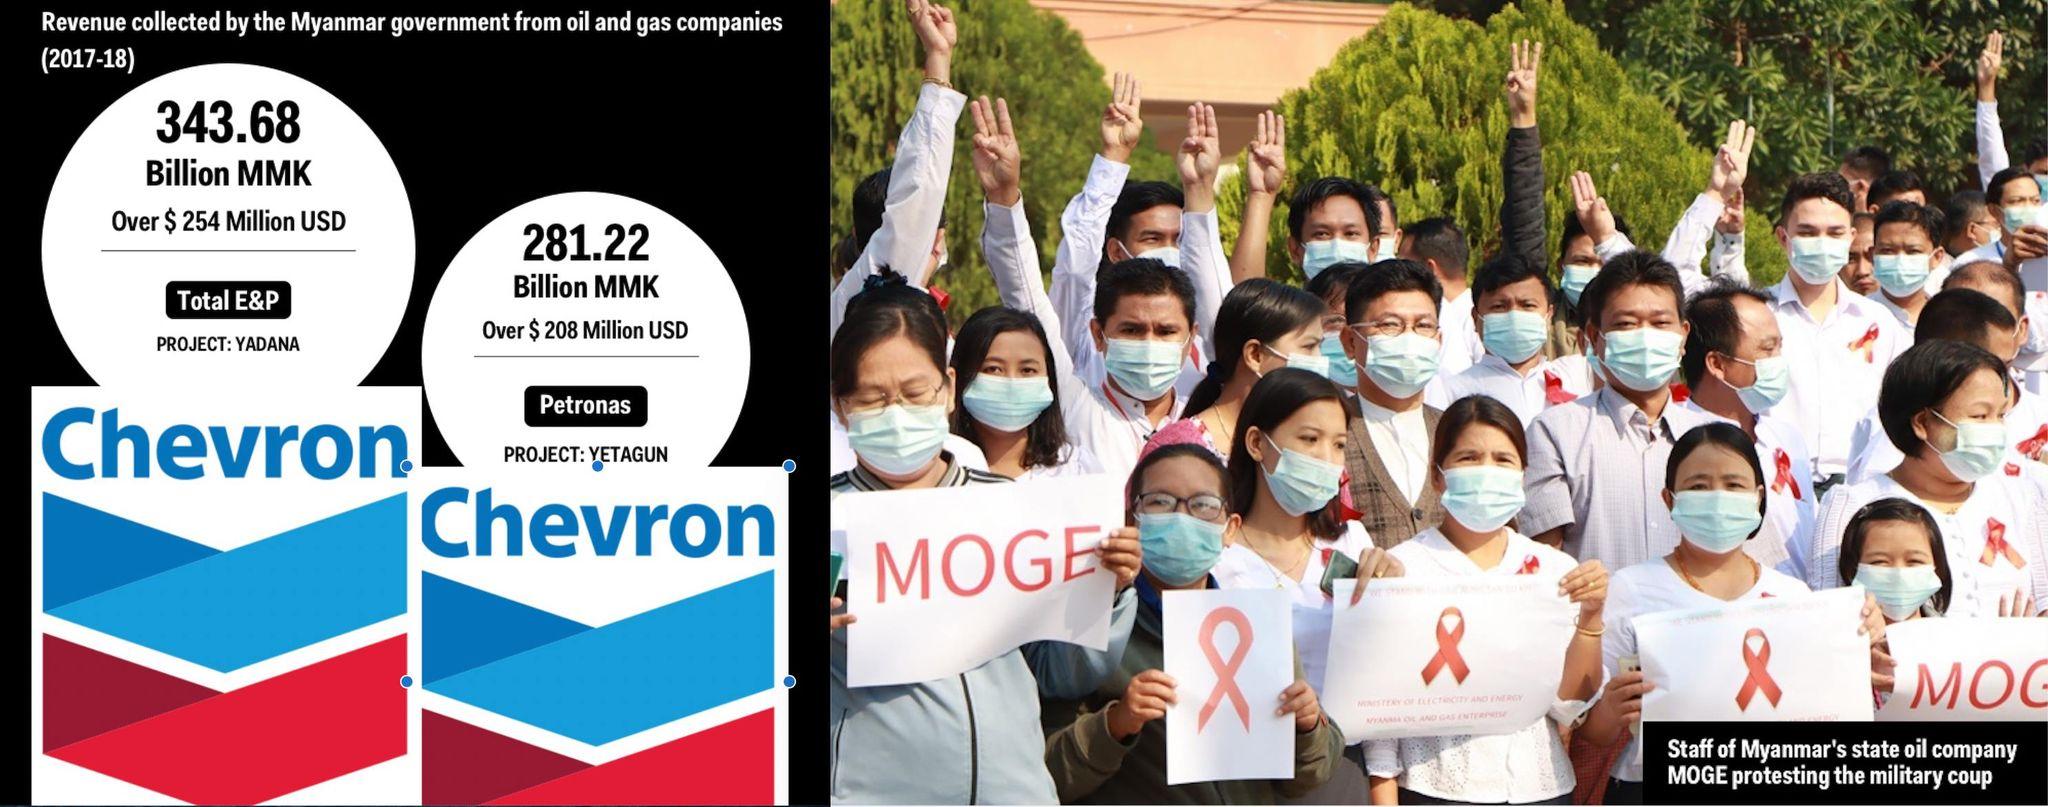 Chevron_moge_campaign_picture